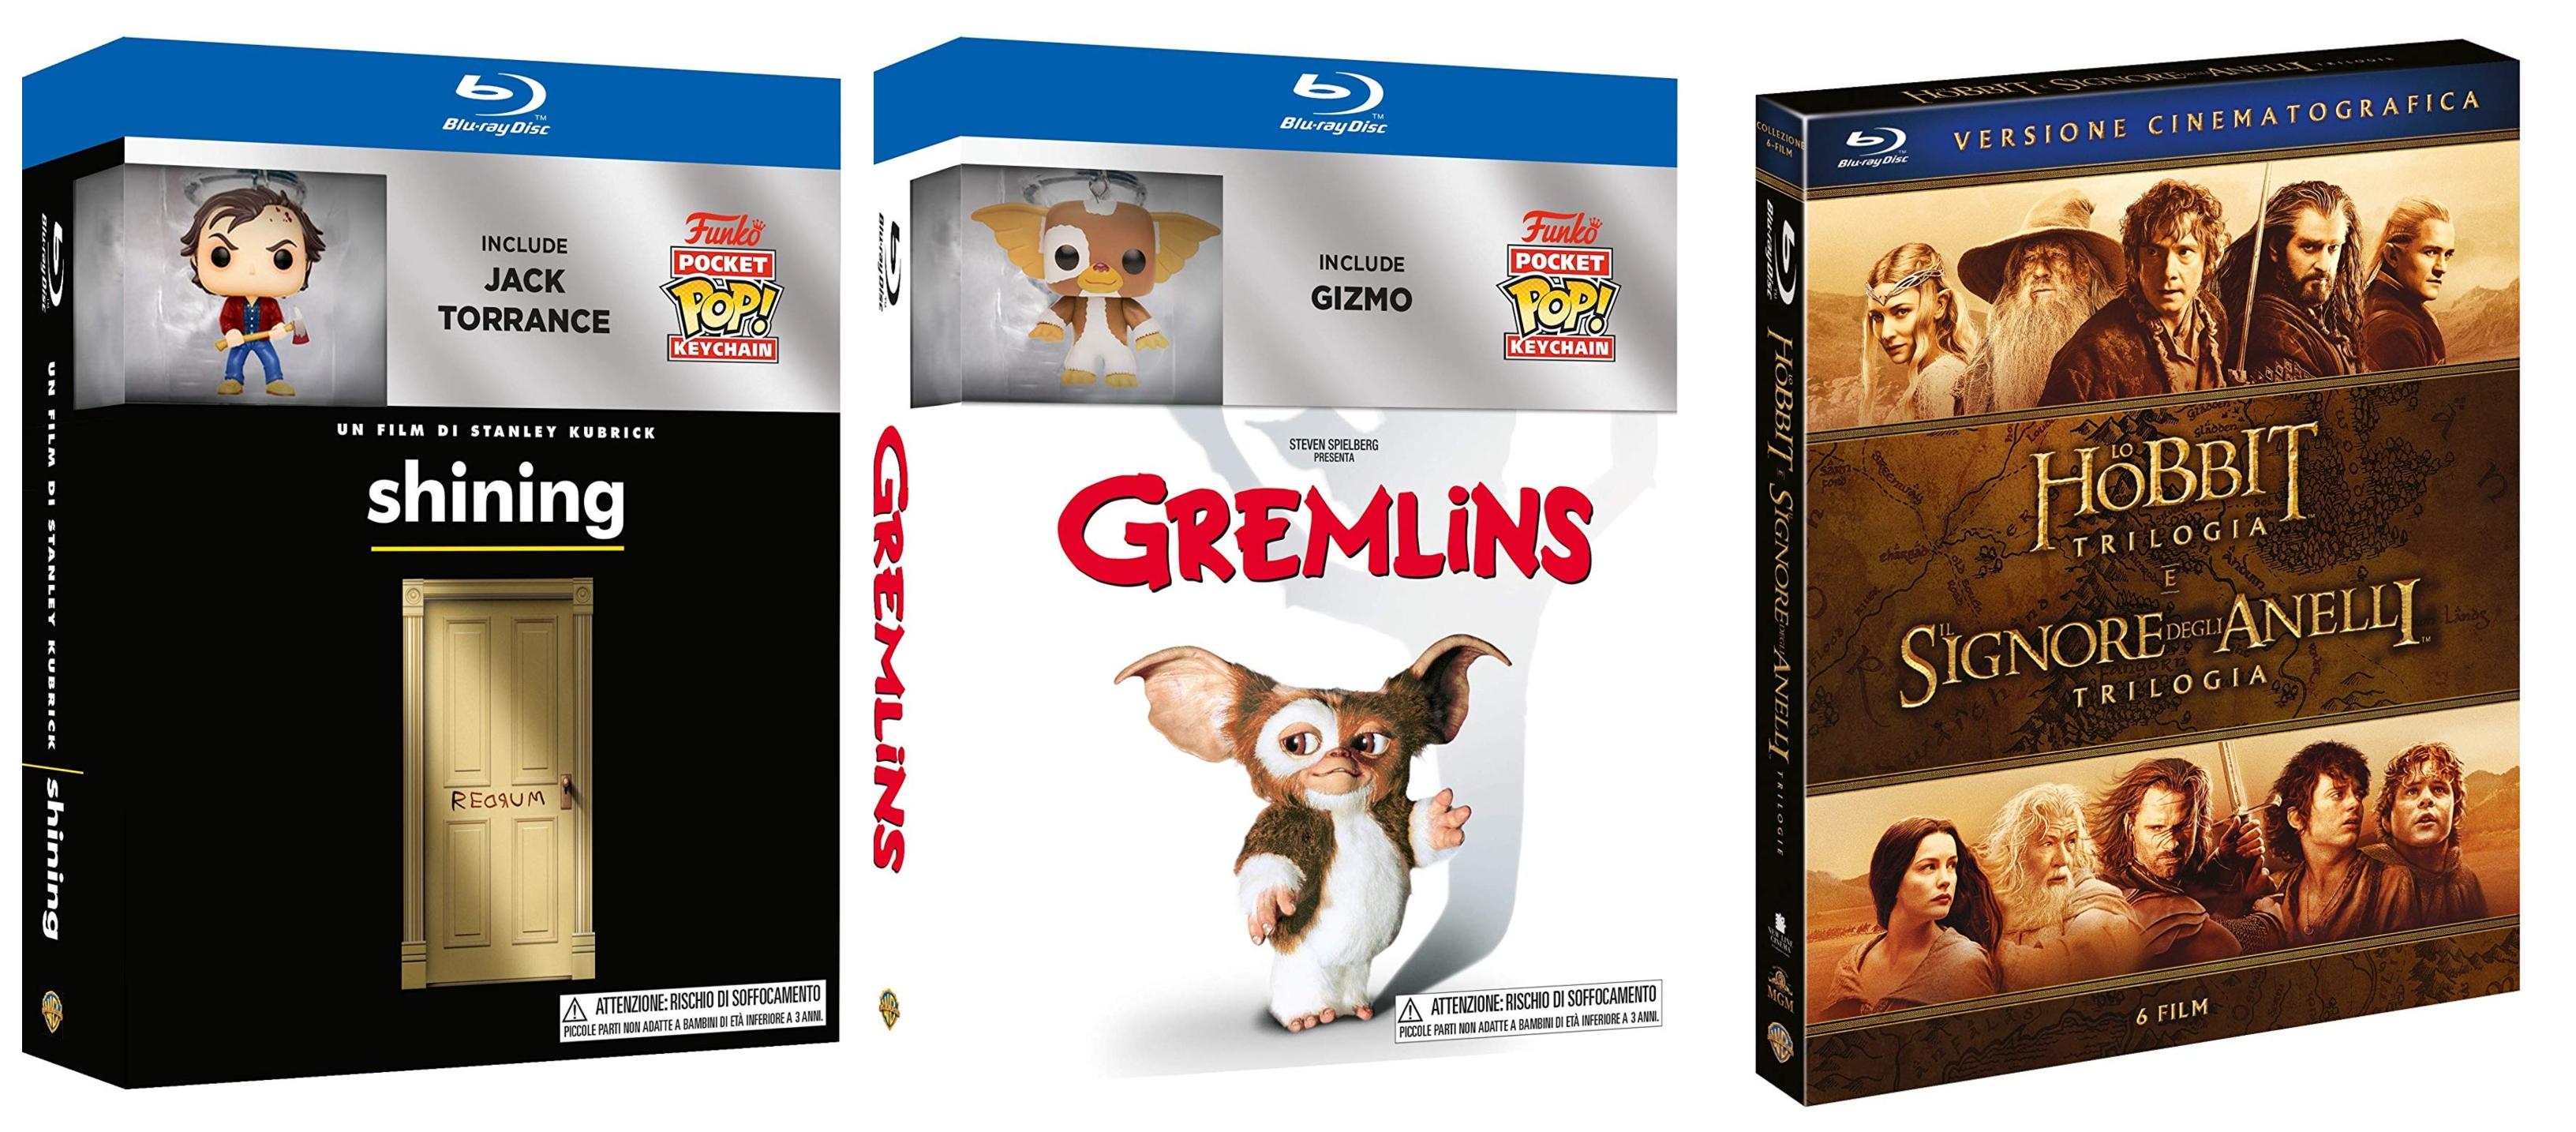 Home video Warner Bros: nuove uscite in edizione limitata!